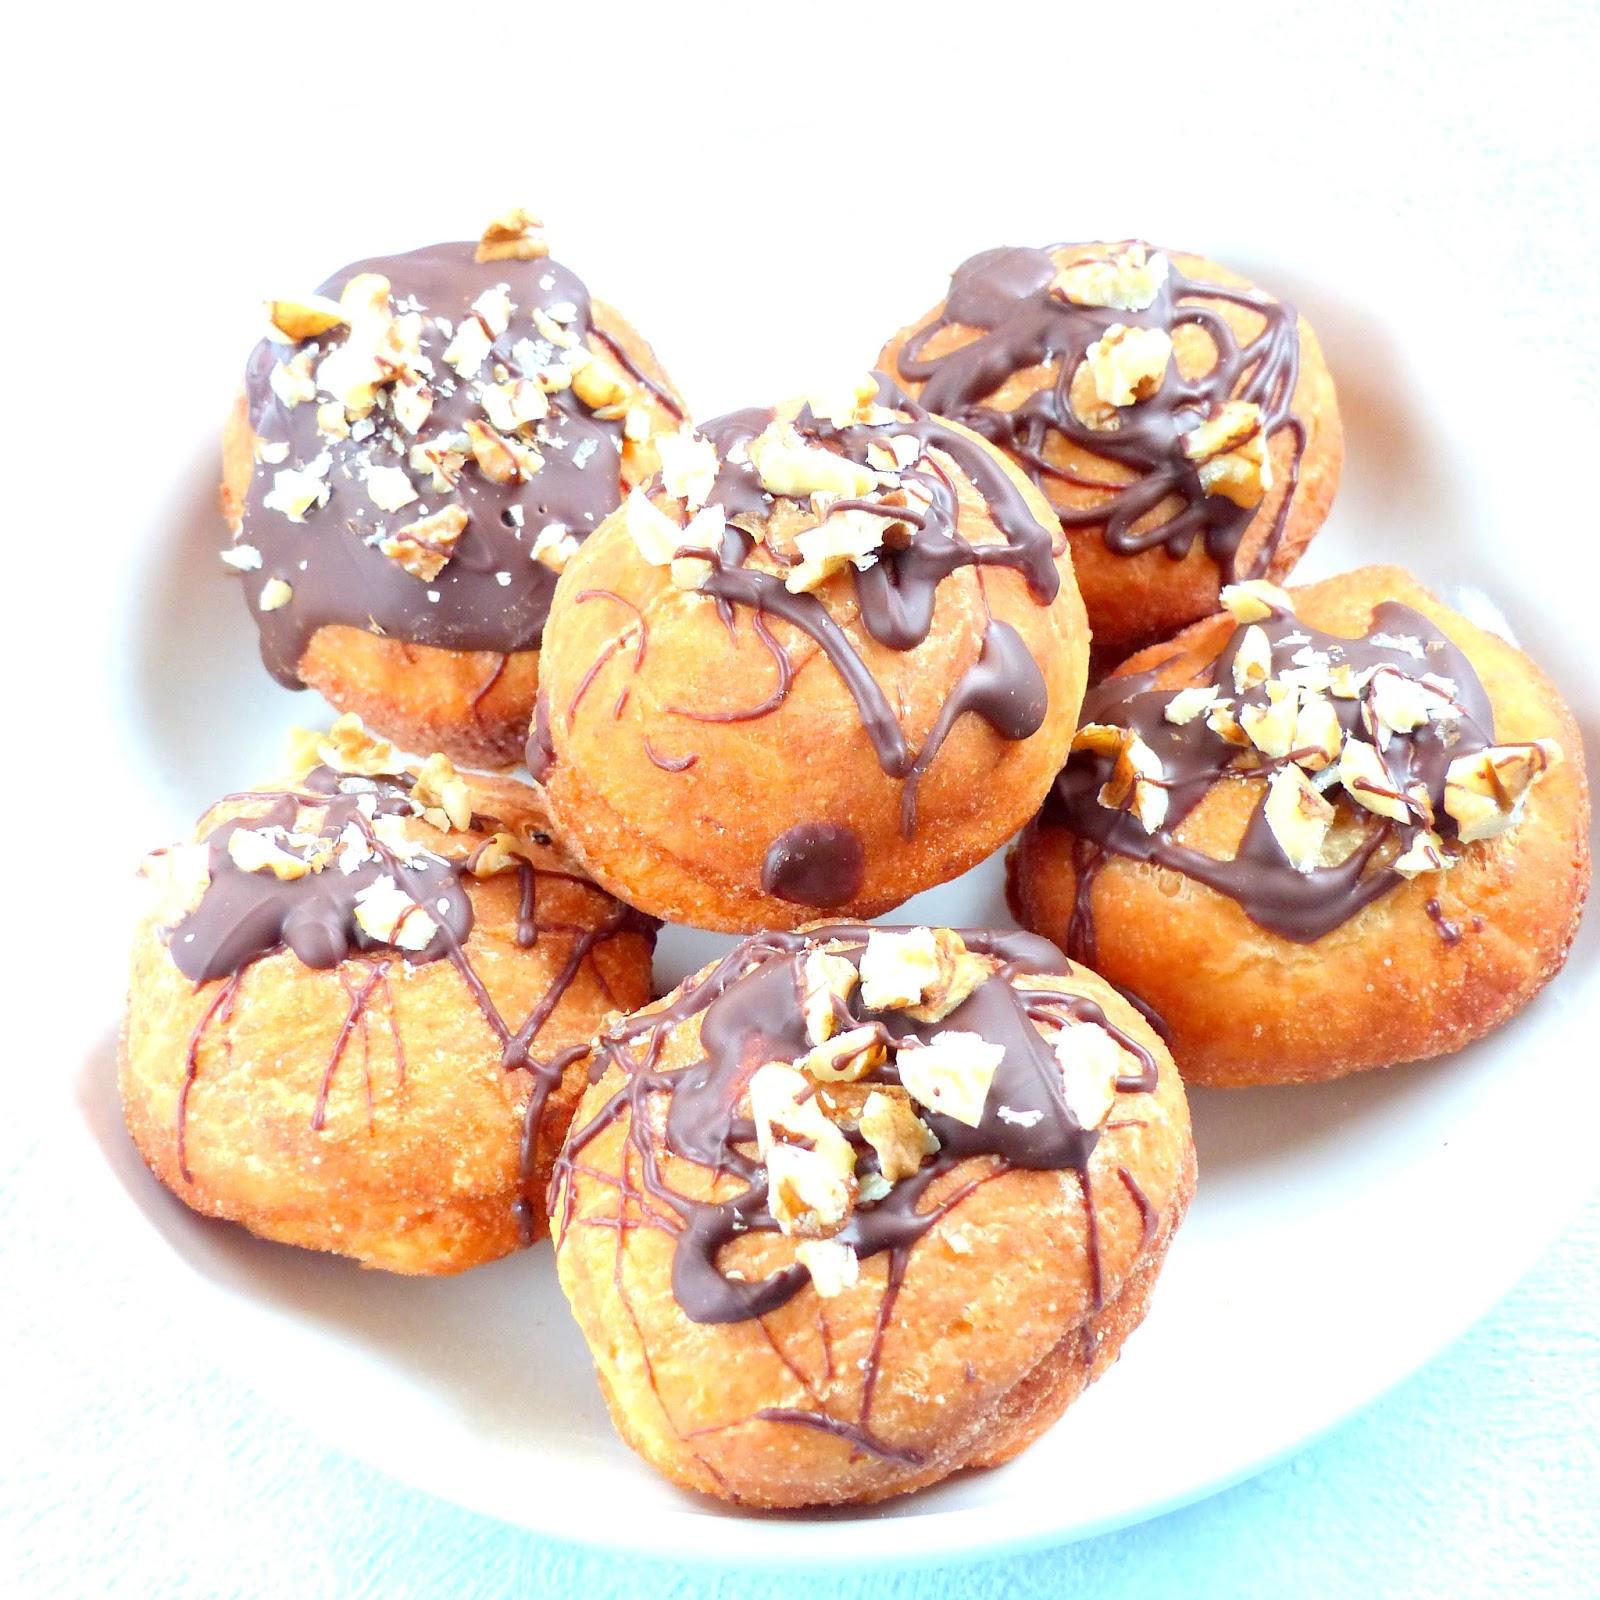 pączki polane czekoladą